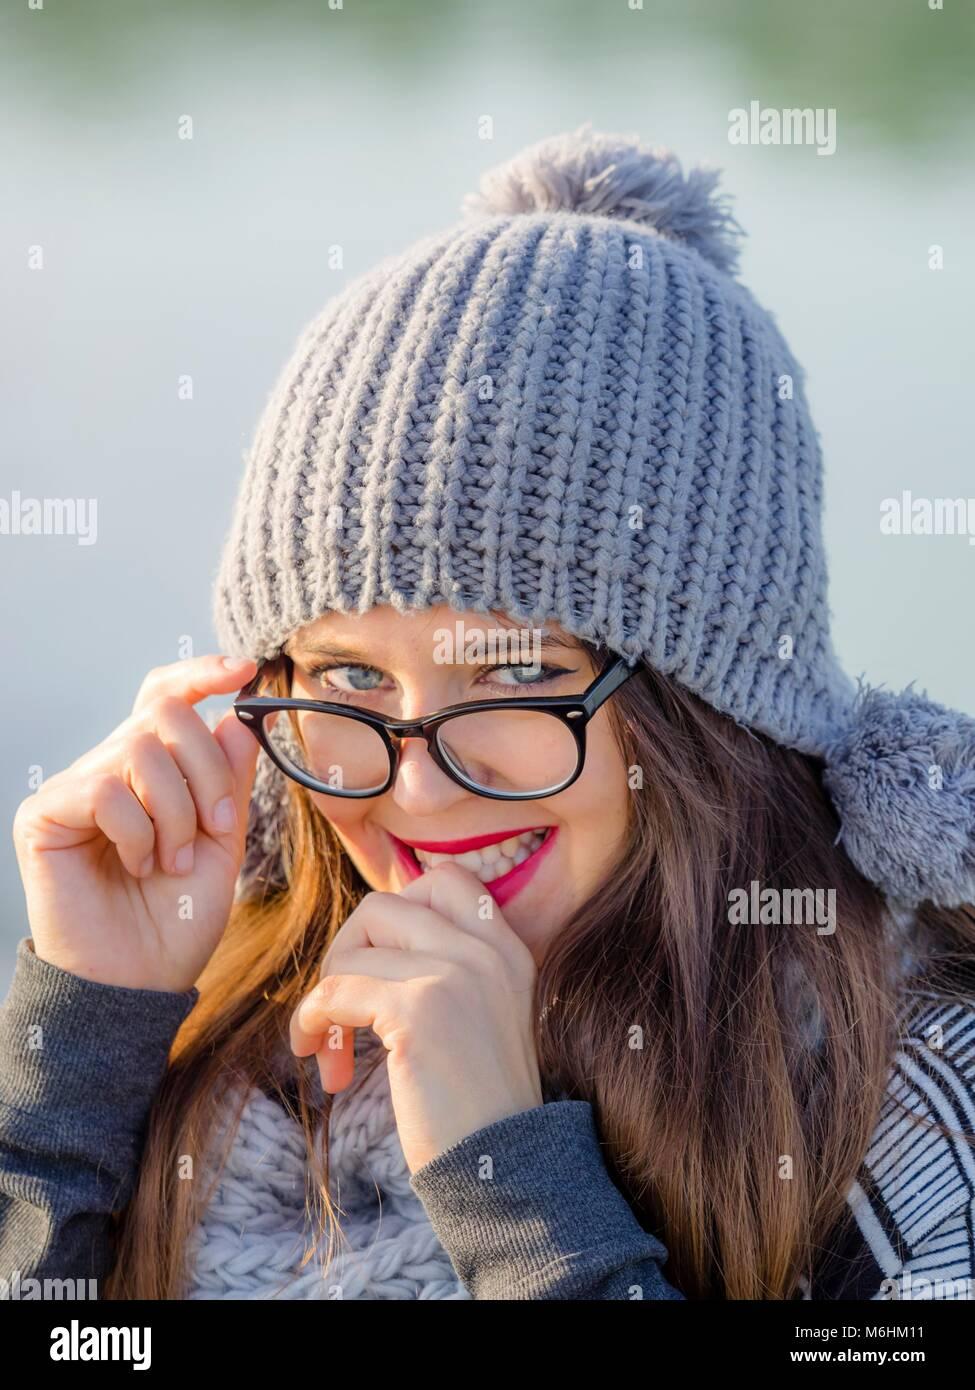 Piuttosto giovane donna ritratto con il grigio inverno cappello e occhiali Foto Stock